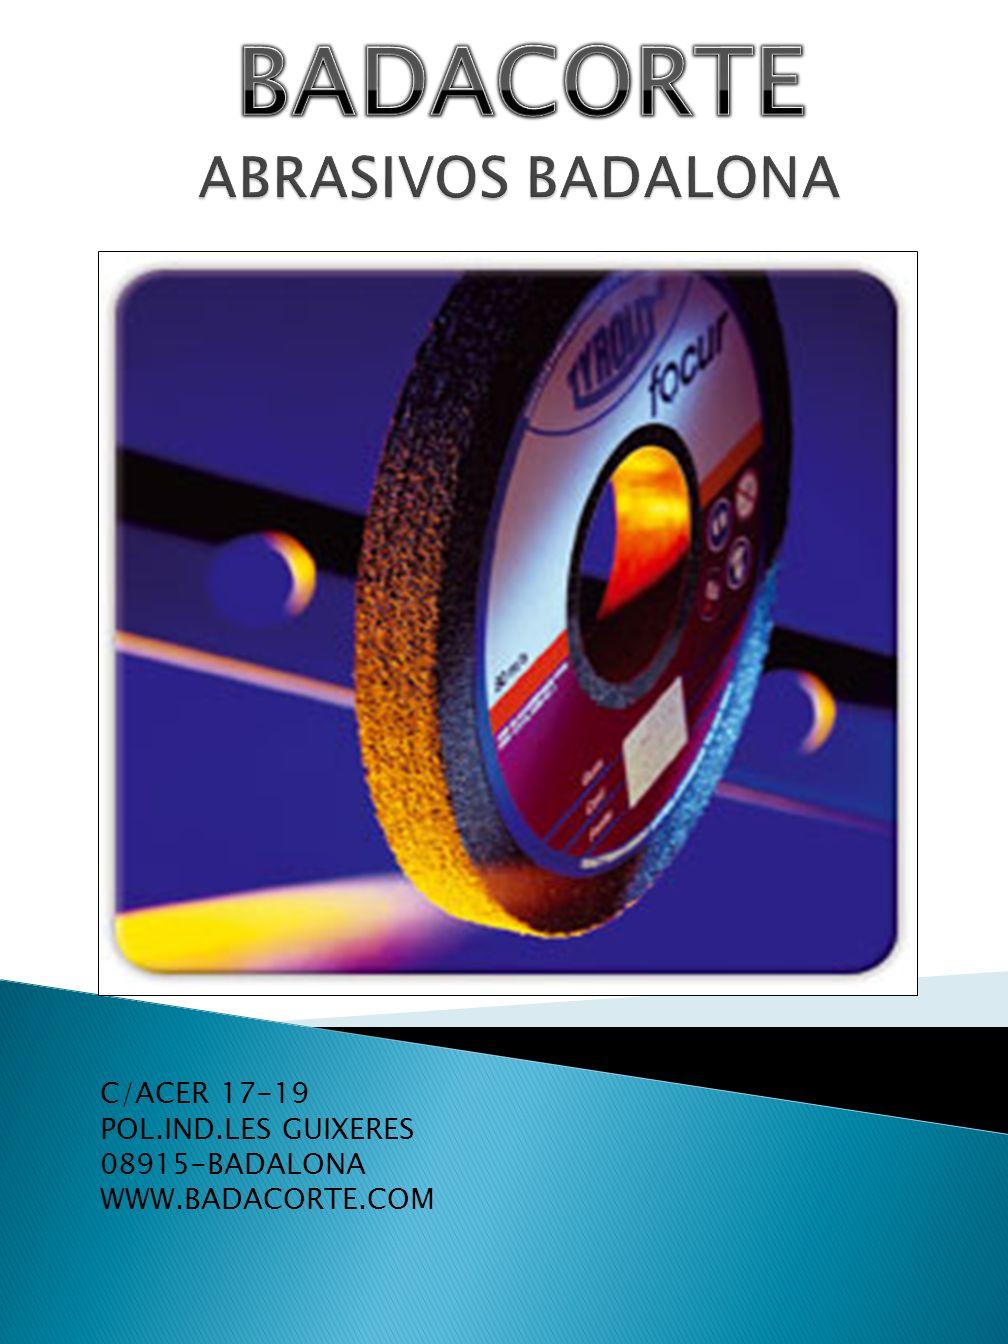 C/ACER 17-19 POL.IND.LES GUIXERES 08915-BADALONA WWW.BADACORTE.COM